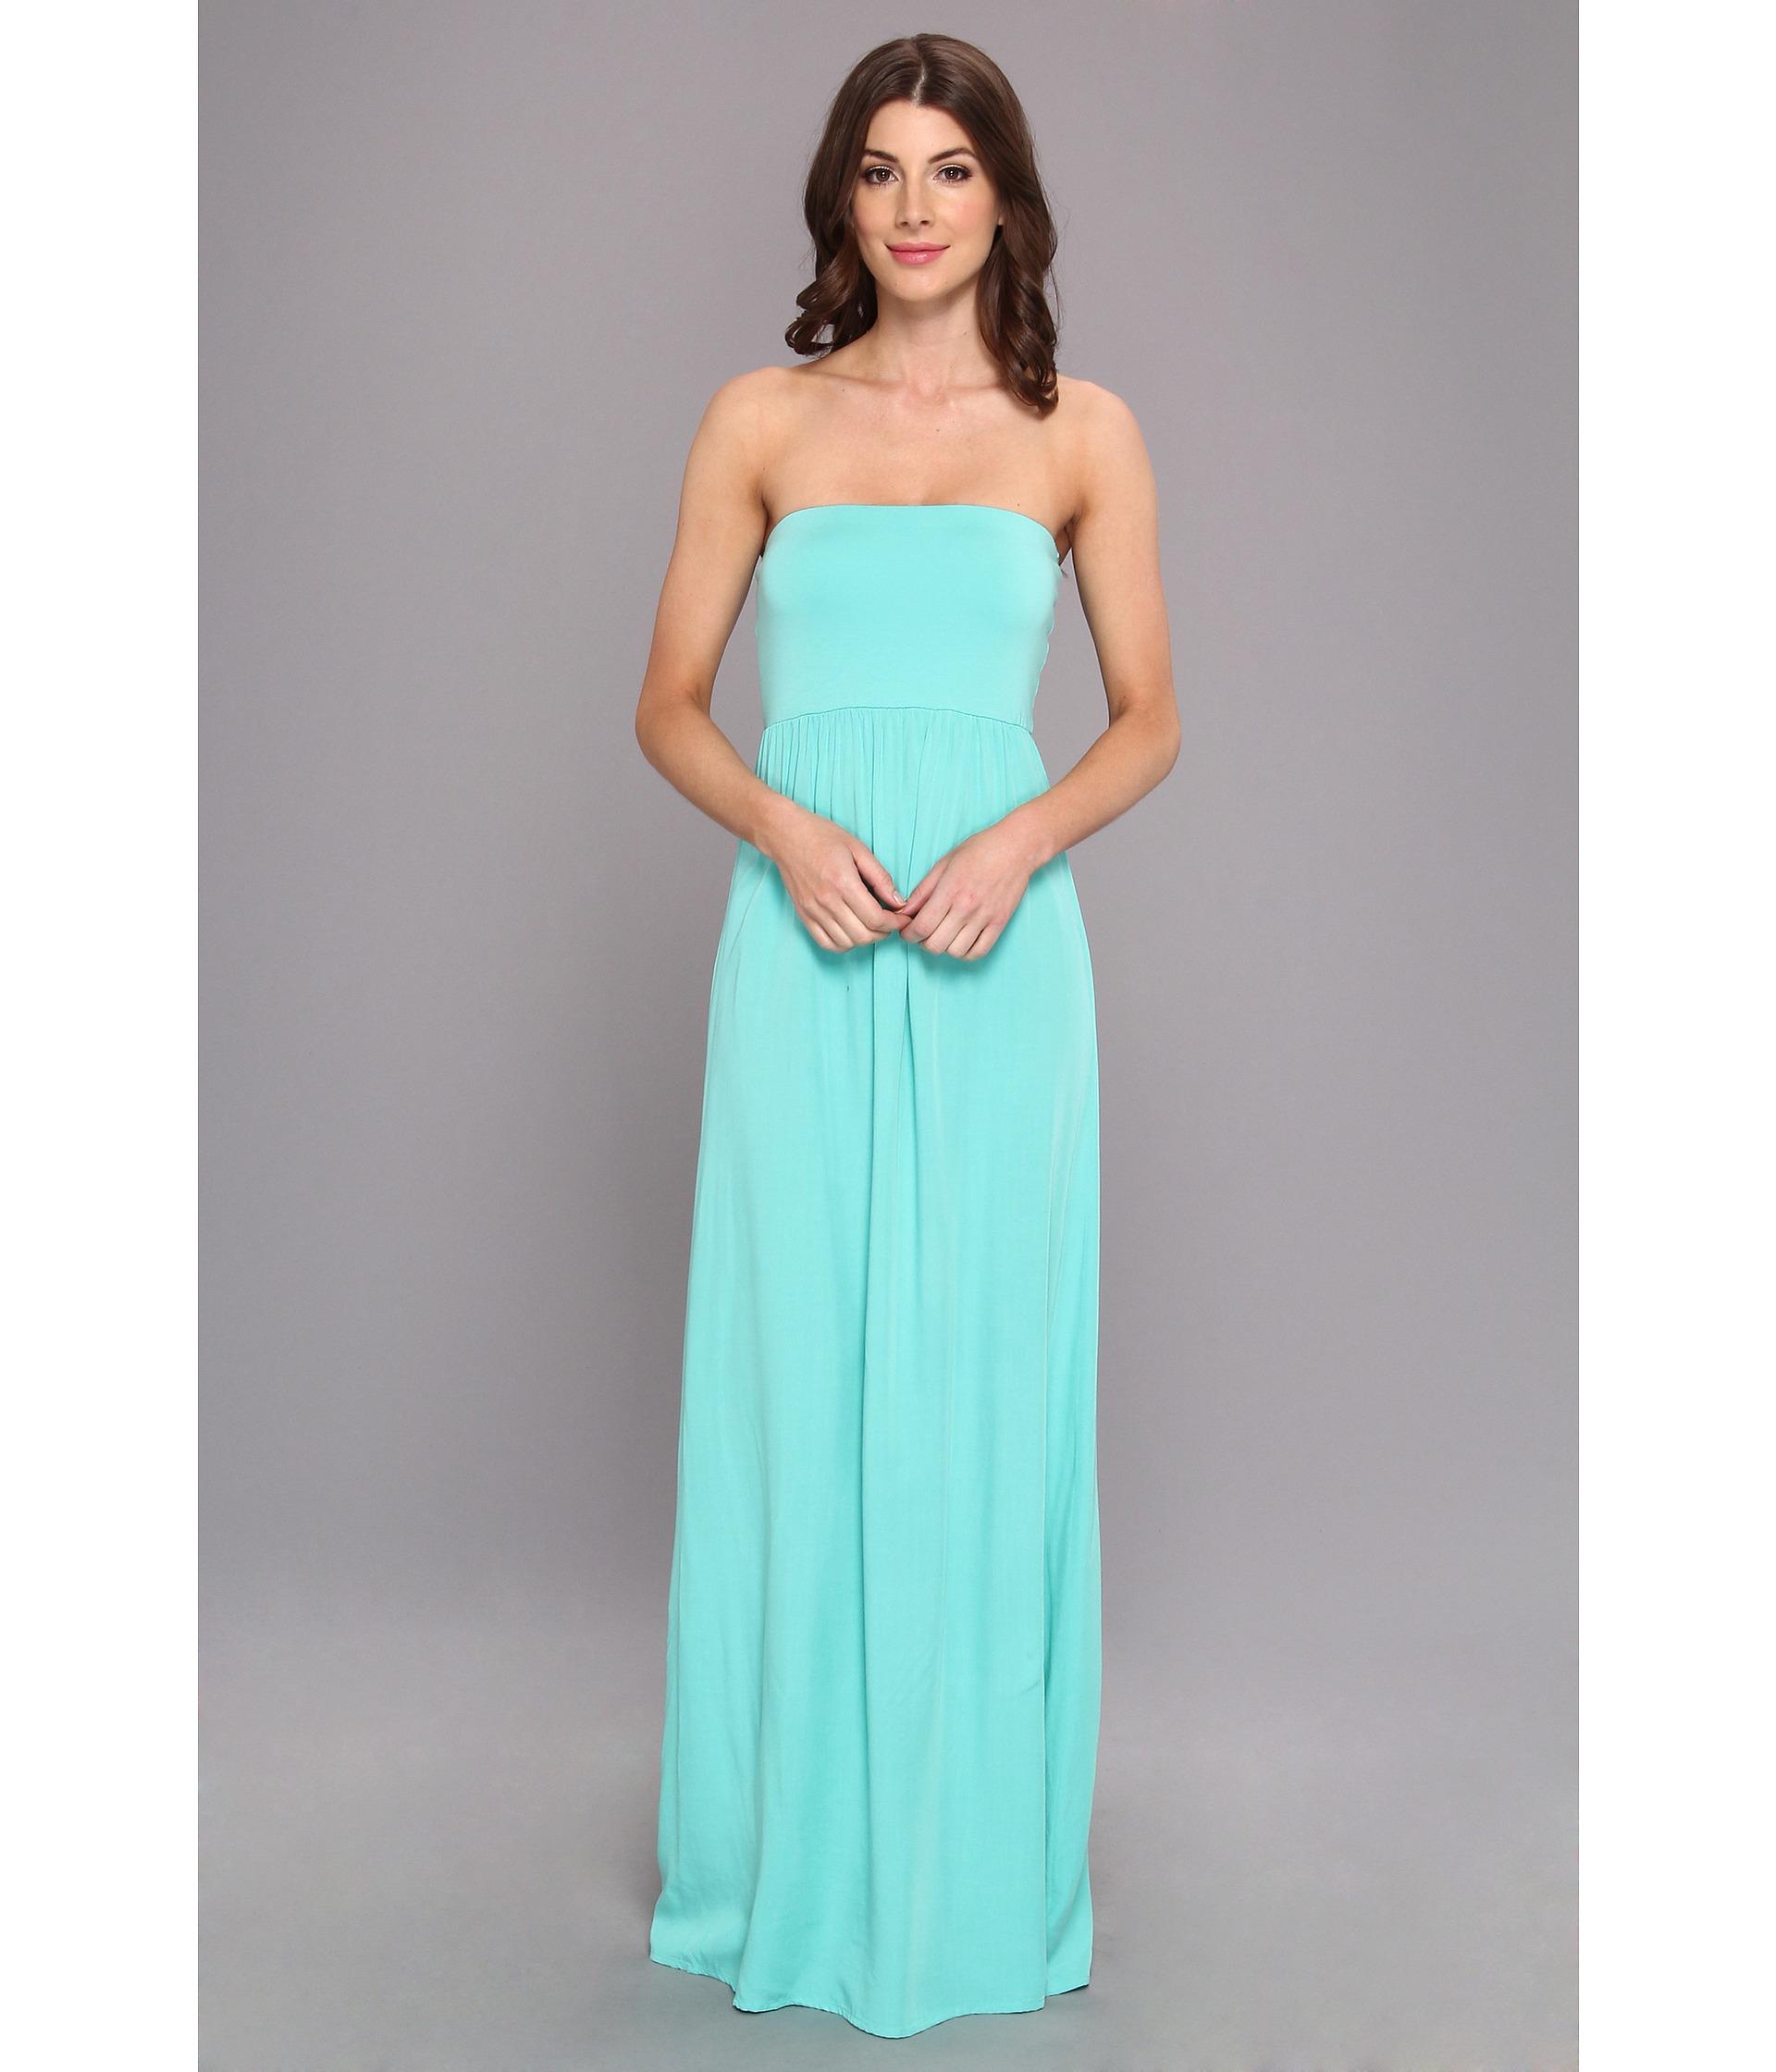 a8047f3062d Floral Tube Top Maxi Dress